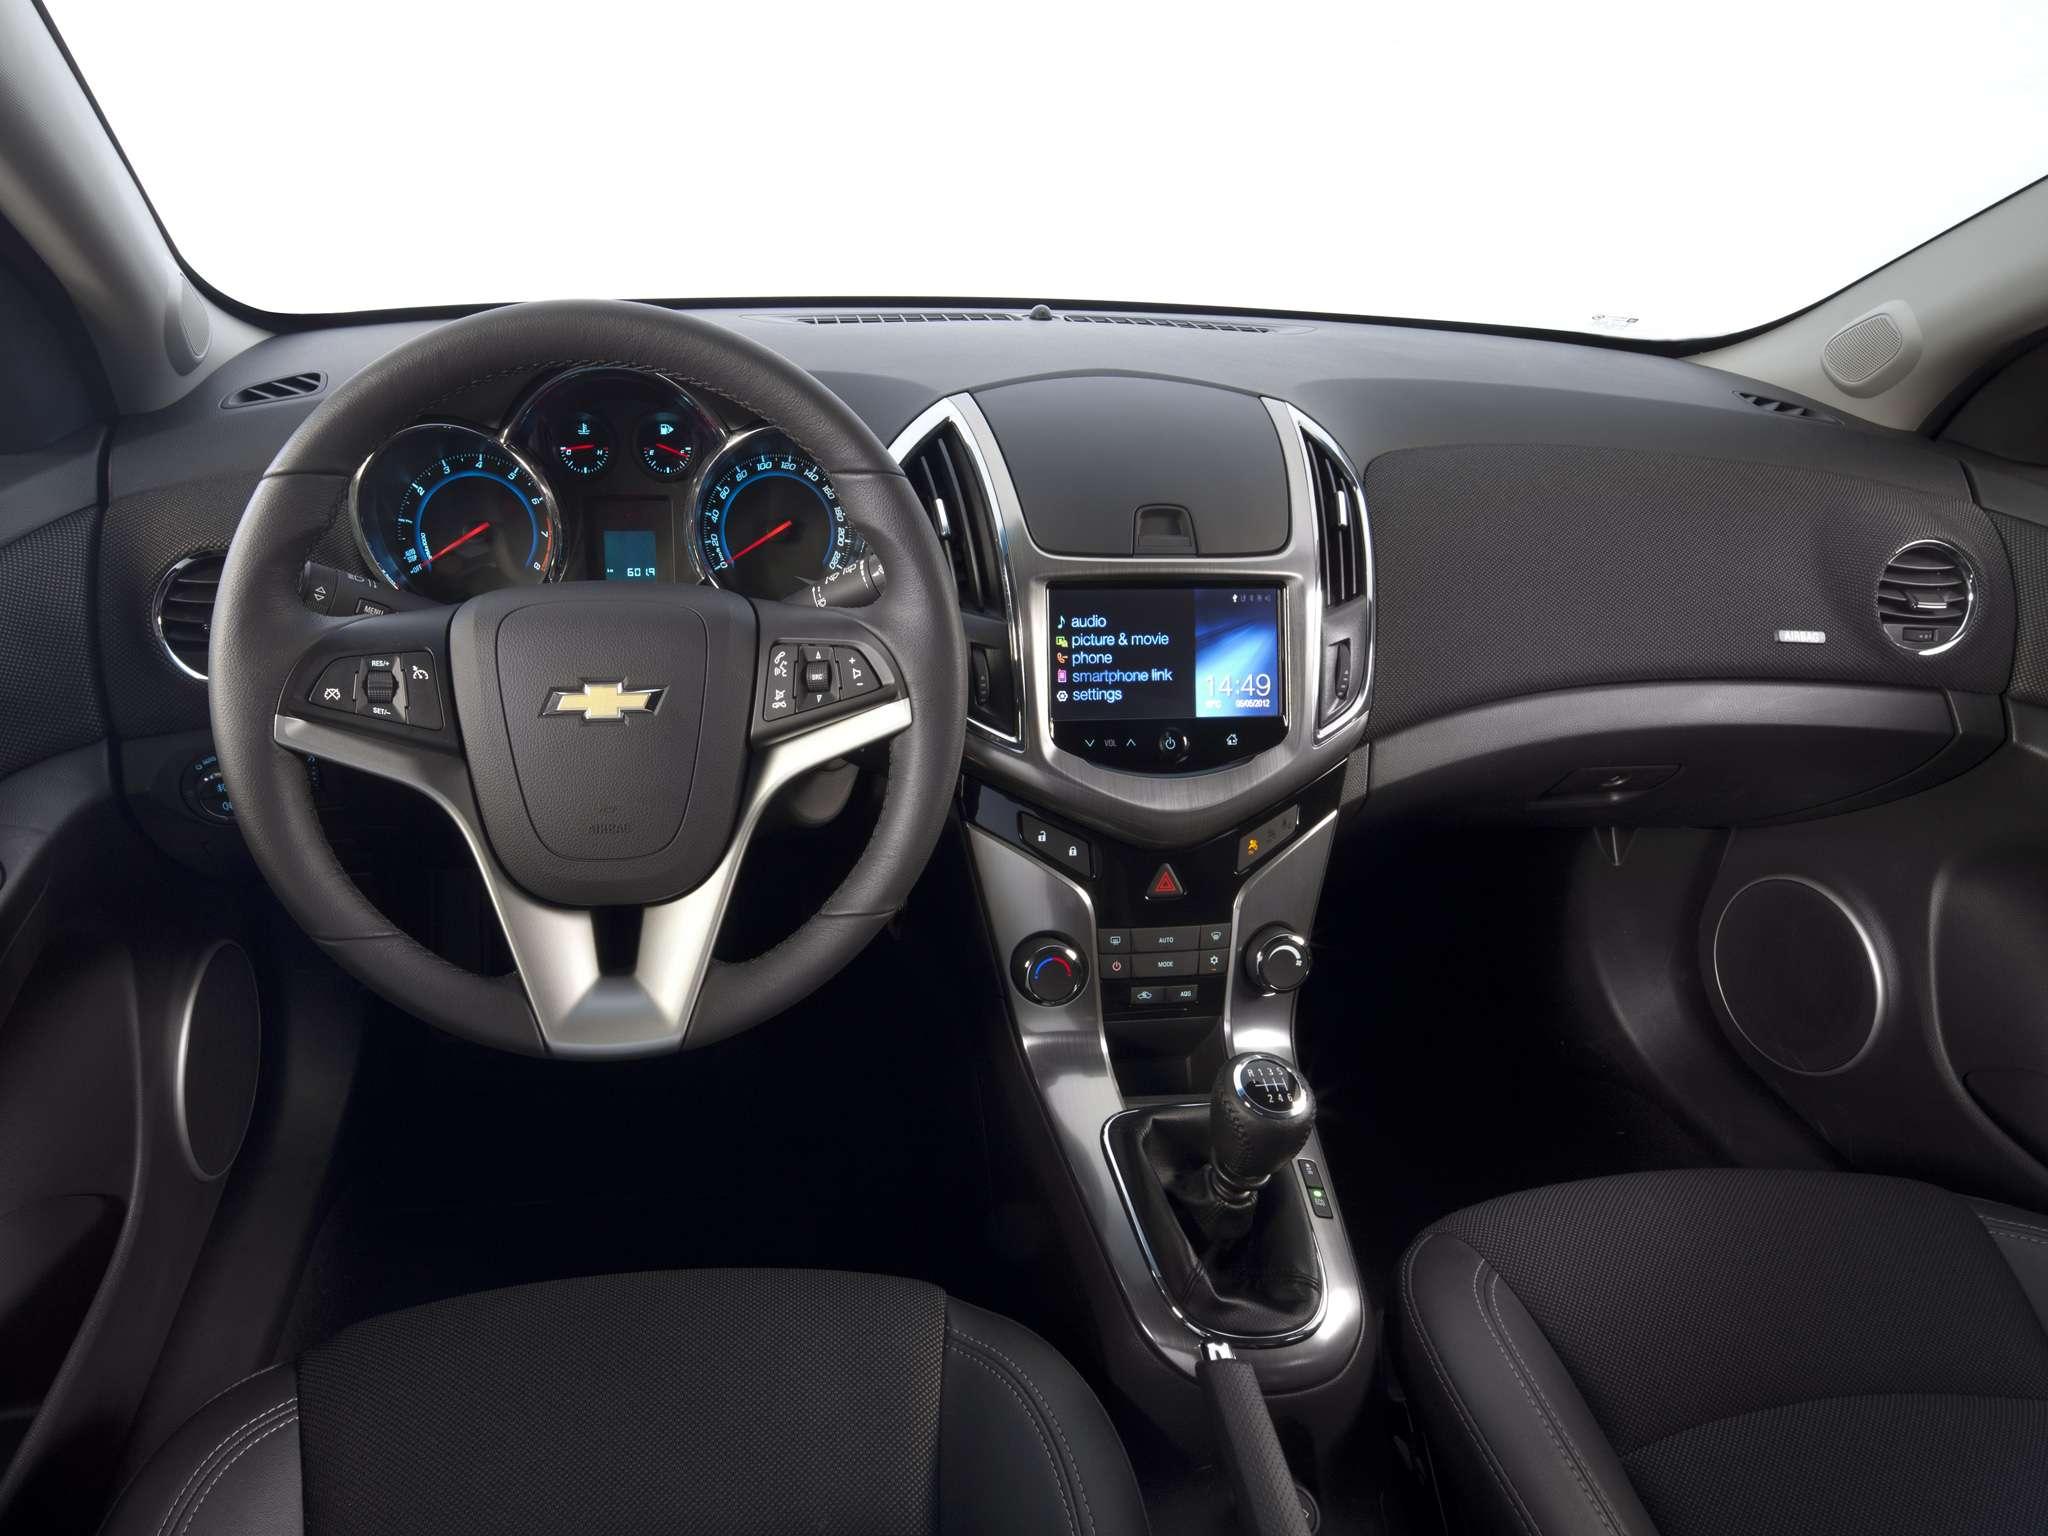 Primeira mão – Chevrolet Cruze 2013 chega às lojas em breve ...